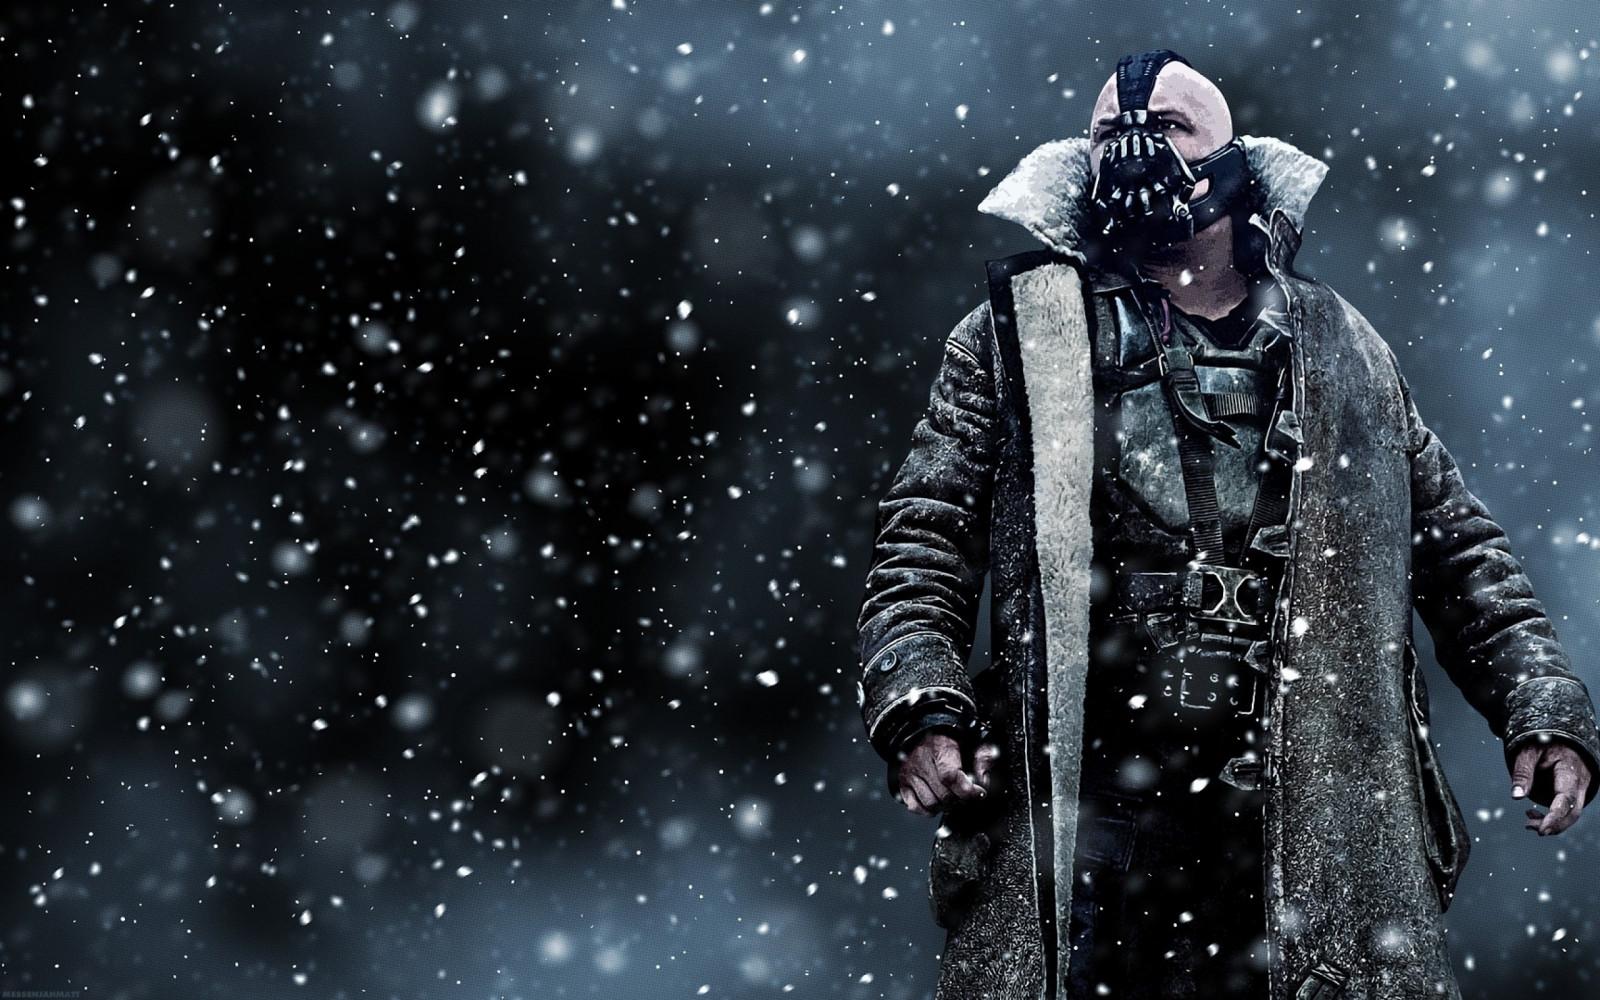 マーベルの魅力的な「バットマン」の悪役ペインが雪が降っている